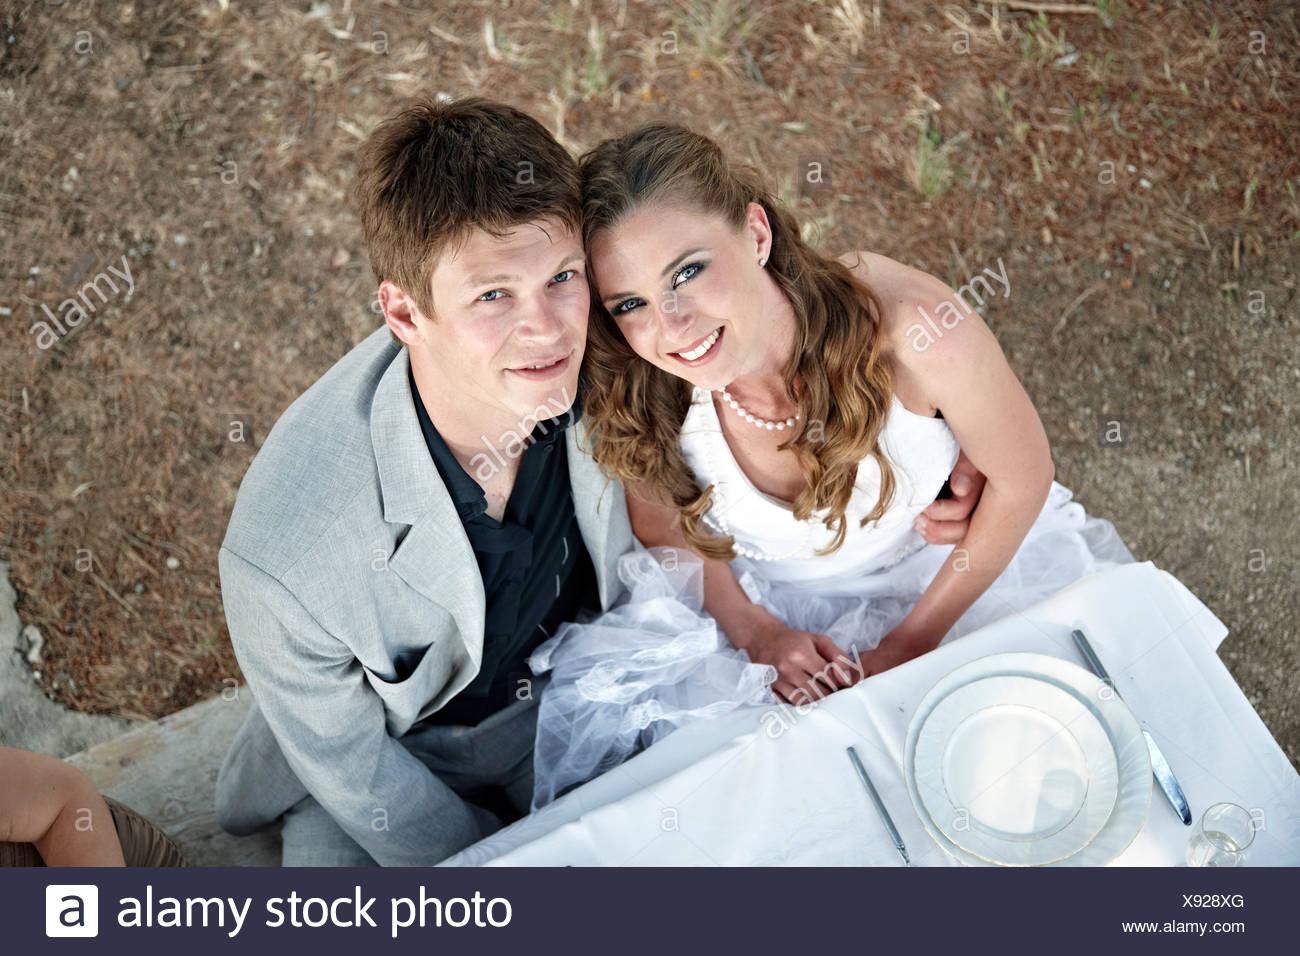 Wedding Couple On Wedding Table Outdoors, Croatia, Europe - Stock Image